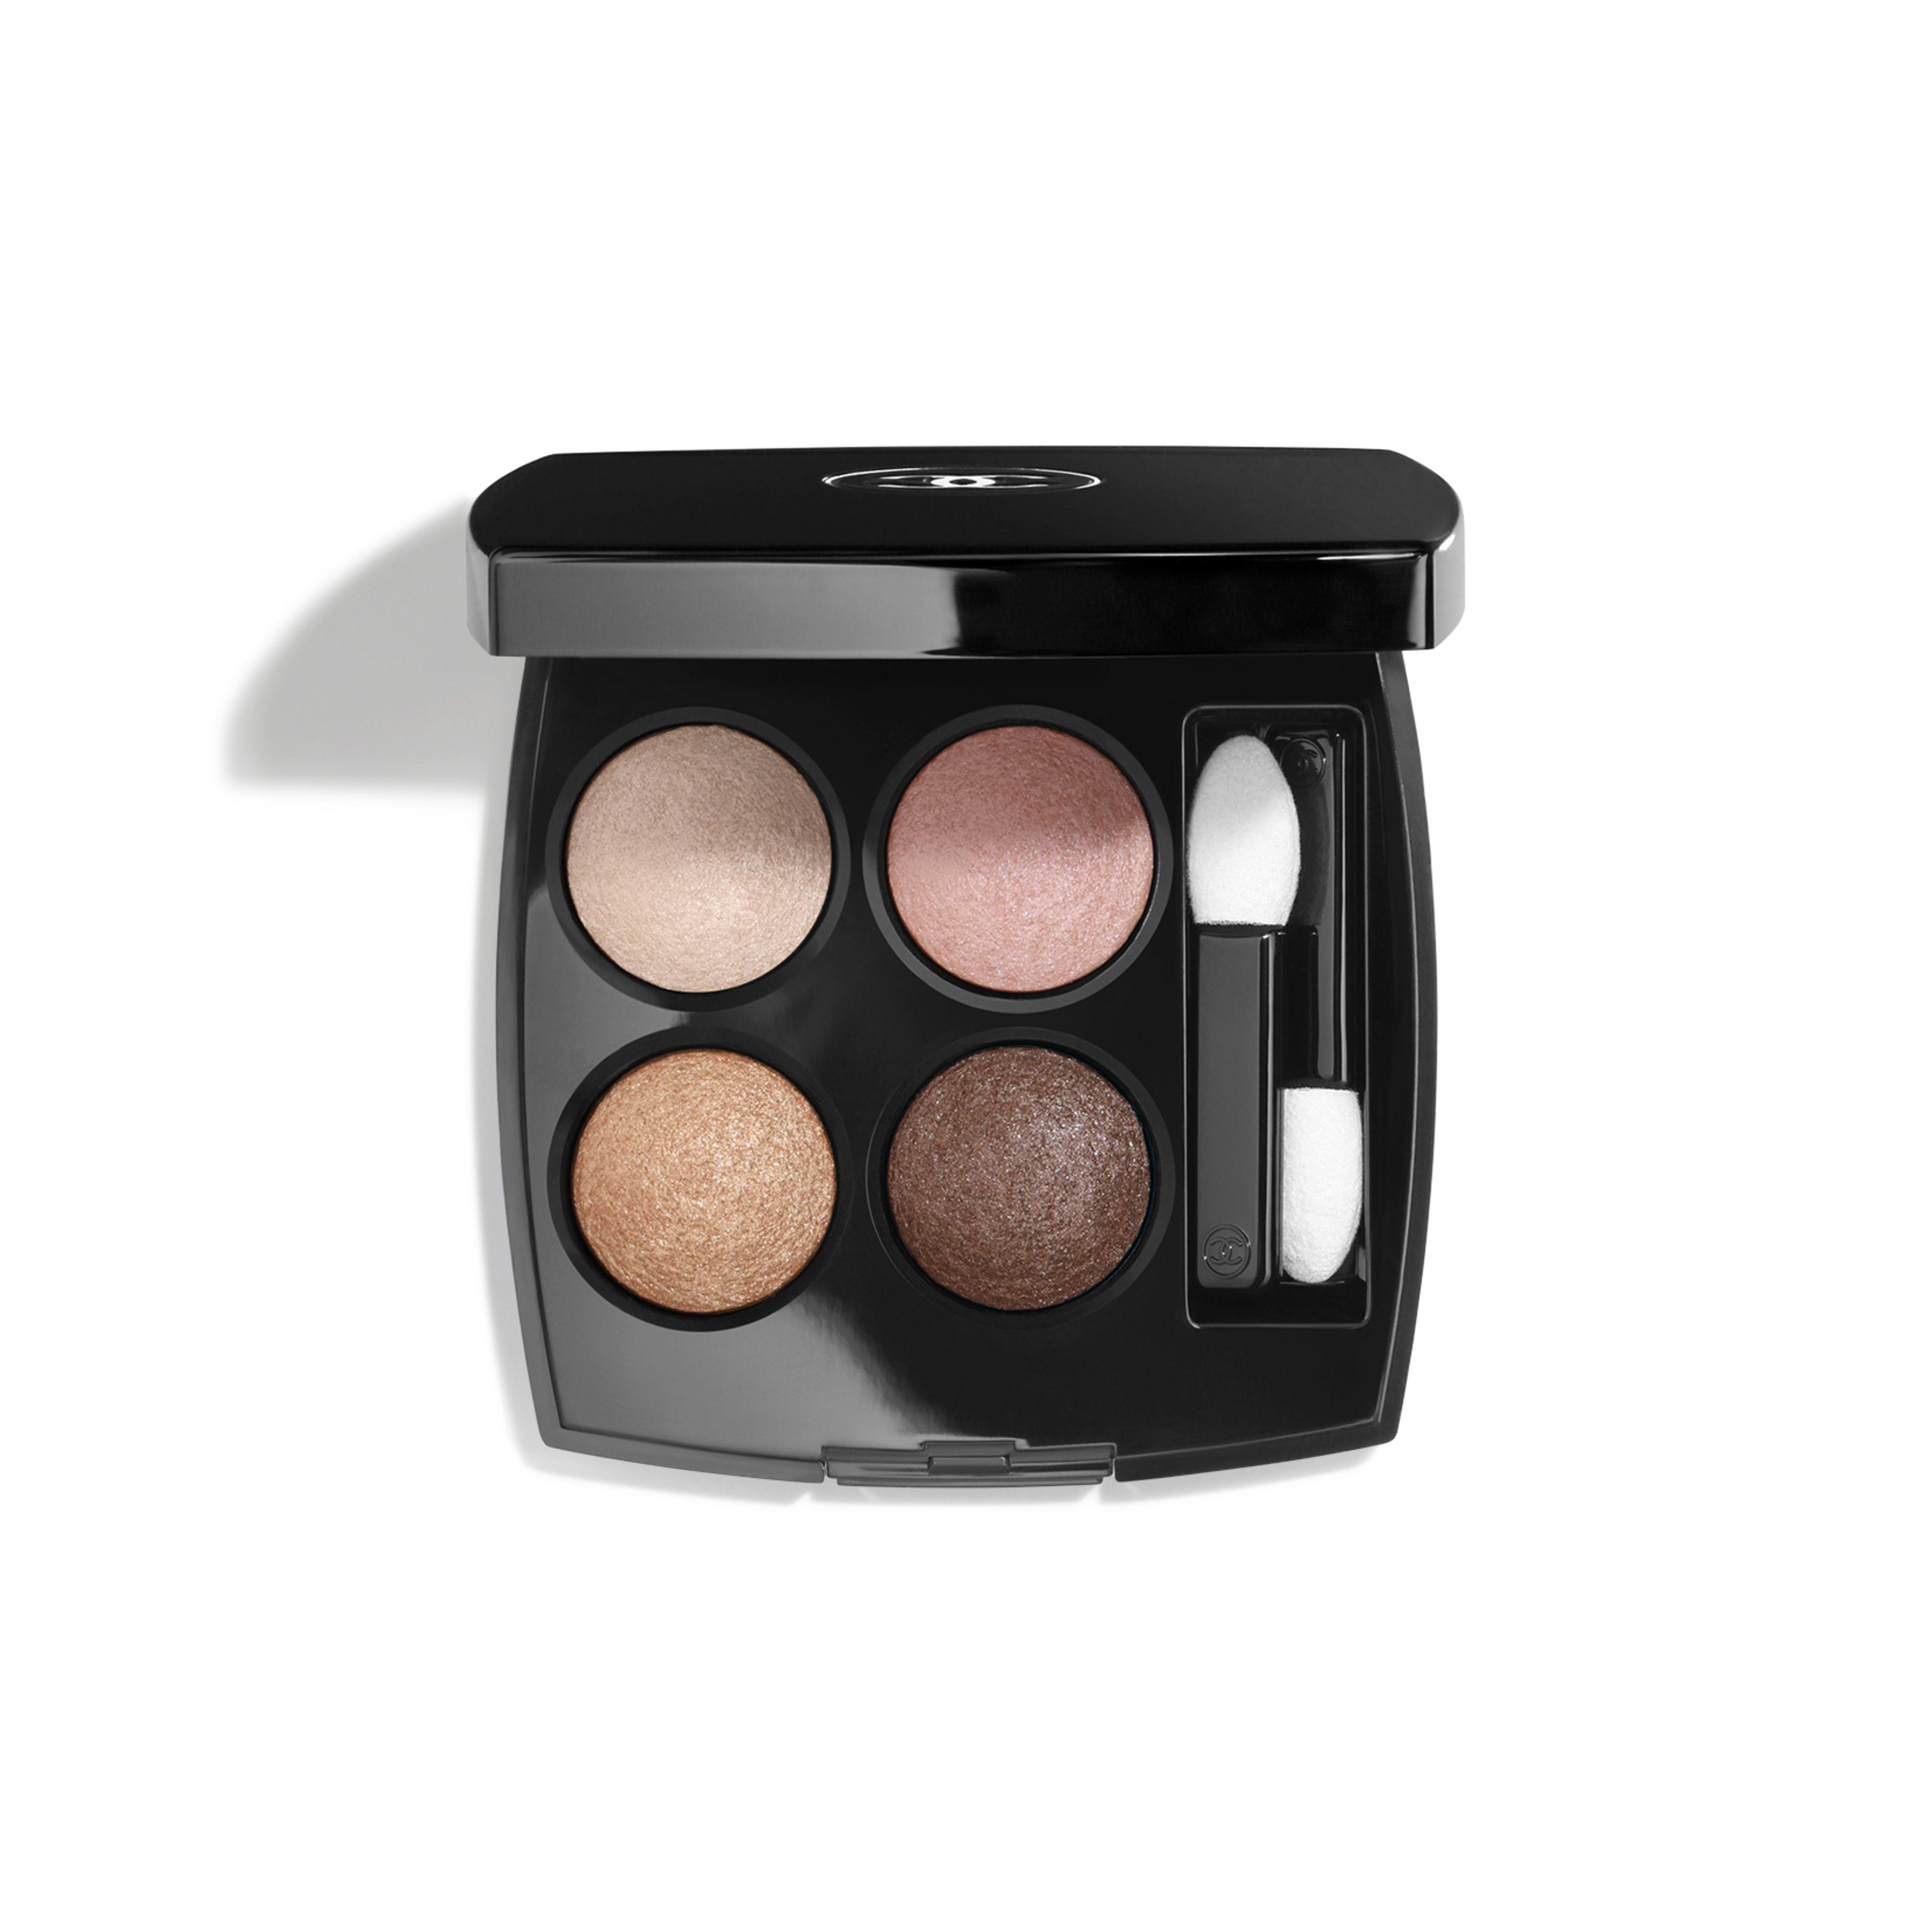 LES 4 OMBRES - makeup - 1.2g - Default view